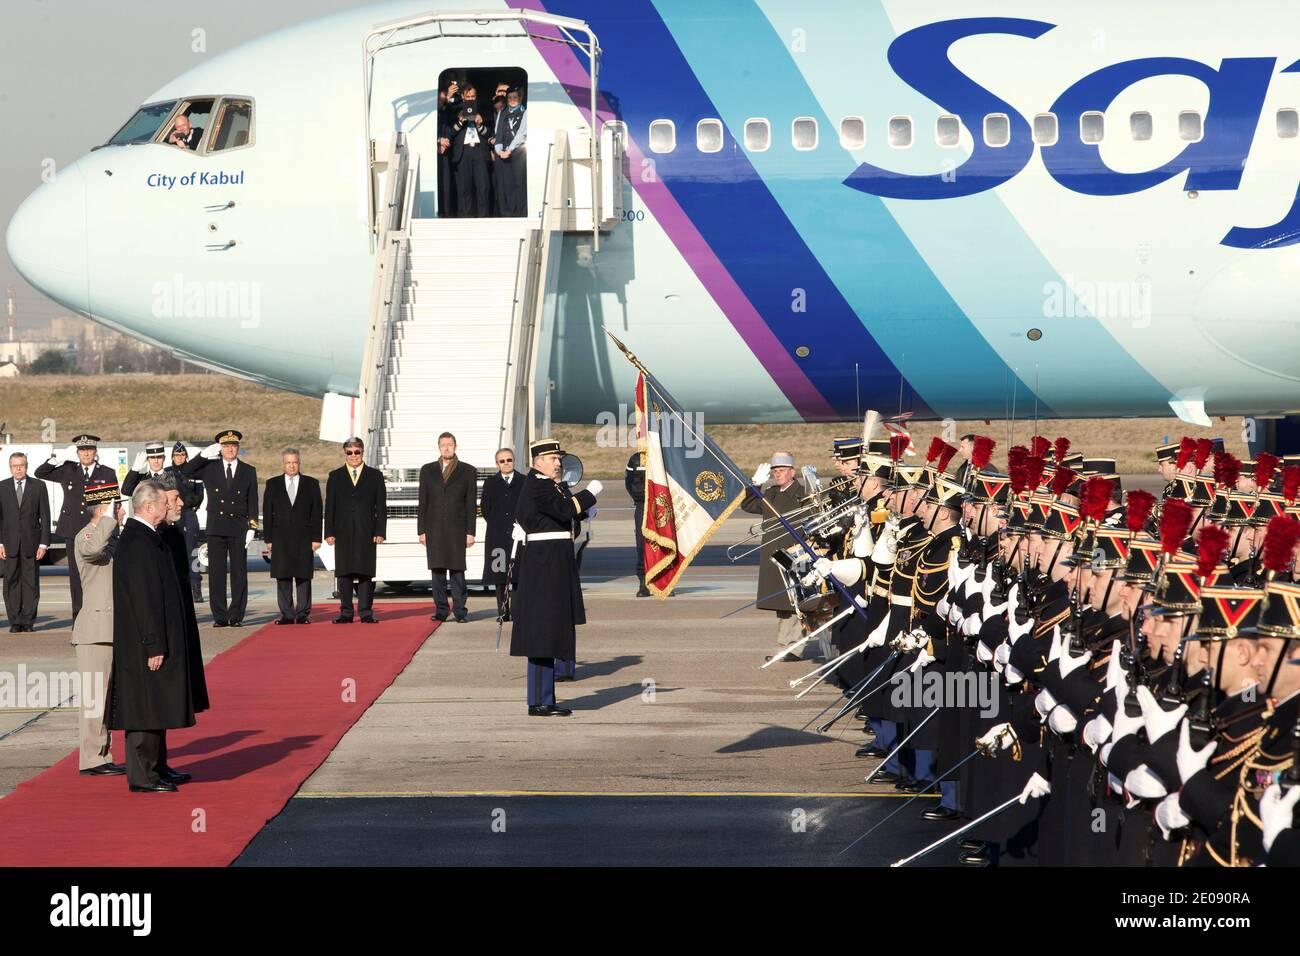 Il Presidente afgano Hamid Karzai è ricevuto dal Ministro francese responsabile della cooperazione Henri de Raincourt all'aeroporto di Orly, fuori Parigi, Francia, il 27 gennaio 2012. Karzai sta per un viaggio europeo di cinque giorni per firmare accordi di partenariato strategico a lungo termine volti a rafforzare il sostegno alla ricostruzione e allo sviluppo dell'Afghanistan. Foto di Stephane Lemouton/ABACAPRESS.COM Foto Stock